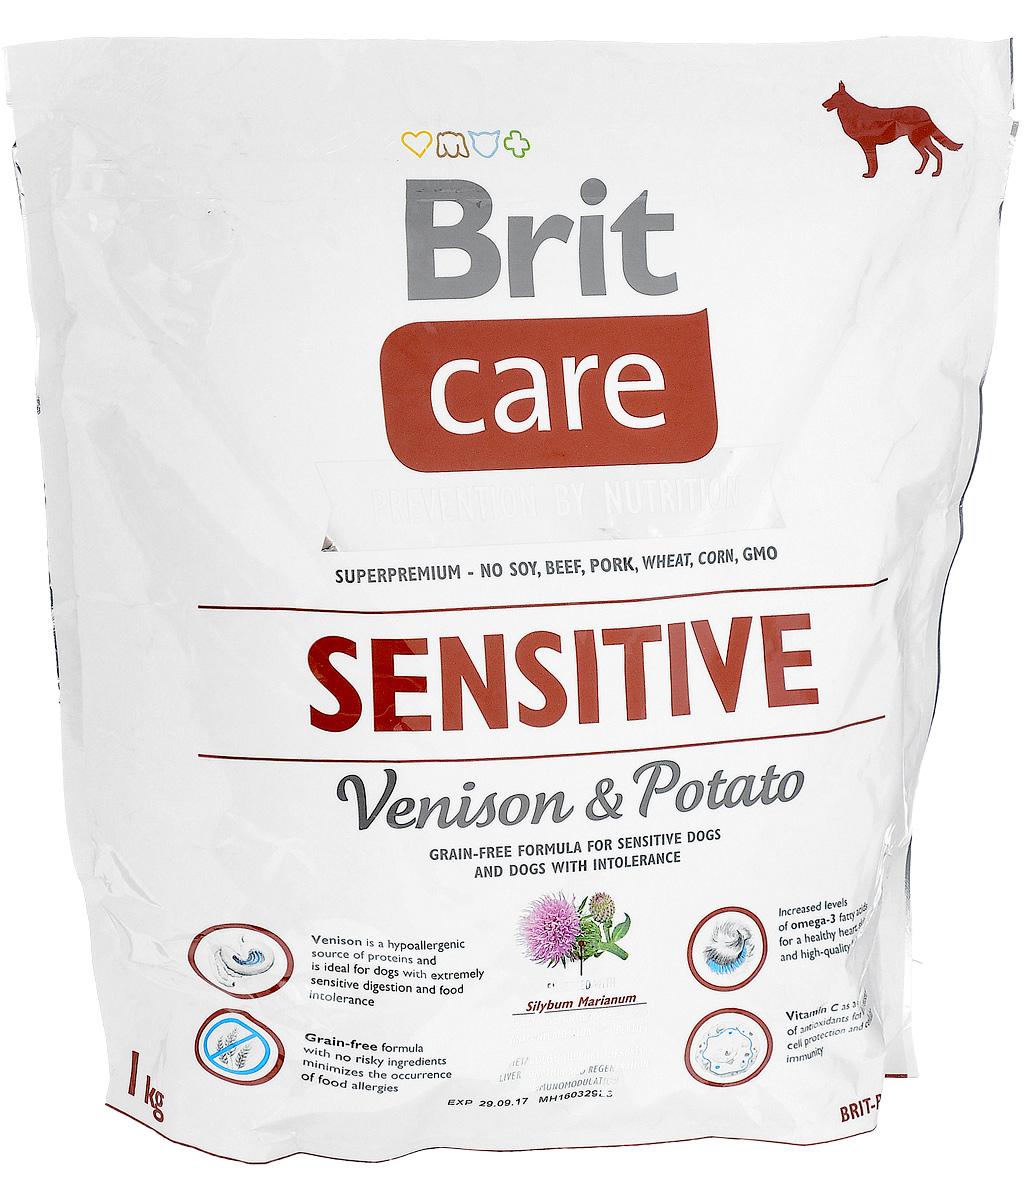 Корм сухой Brit Care Sensitive для собак с чувствительным пищеварением, с олениной и картофелем, 1 кг8595602510825Сухой полнорационный корм Brit Care Sensitive предназначен для собак с чувствительным пищеварением и при пищевой непереносимости. Специально разработанный состав улучшает баланс микрофлоры кишечника. Товар сертифицирован.